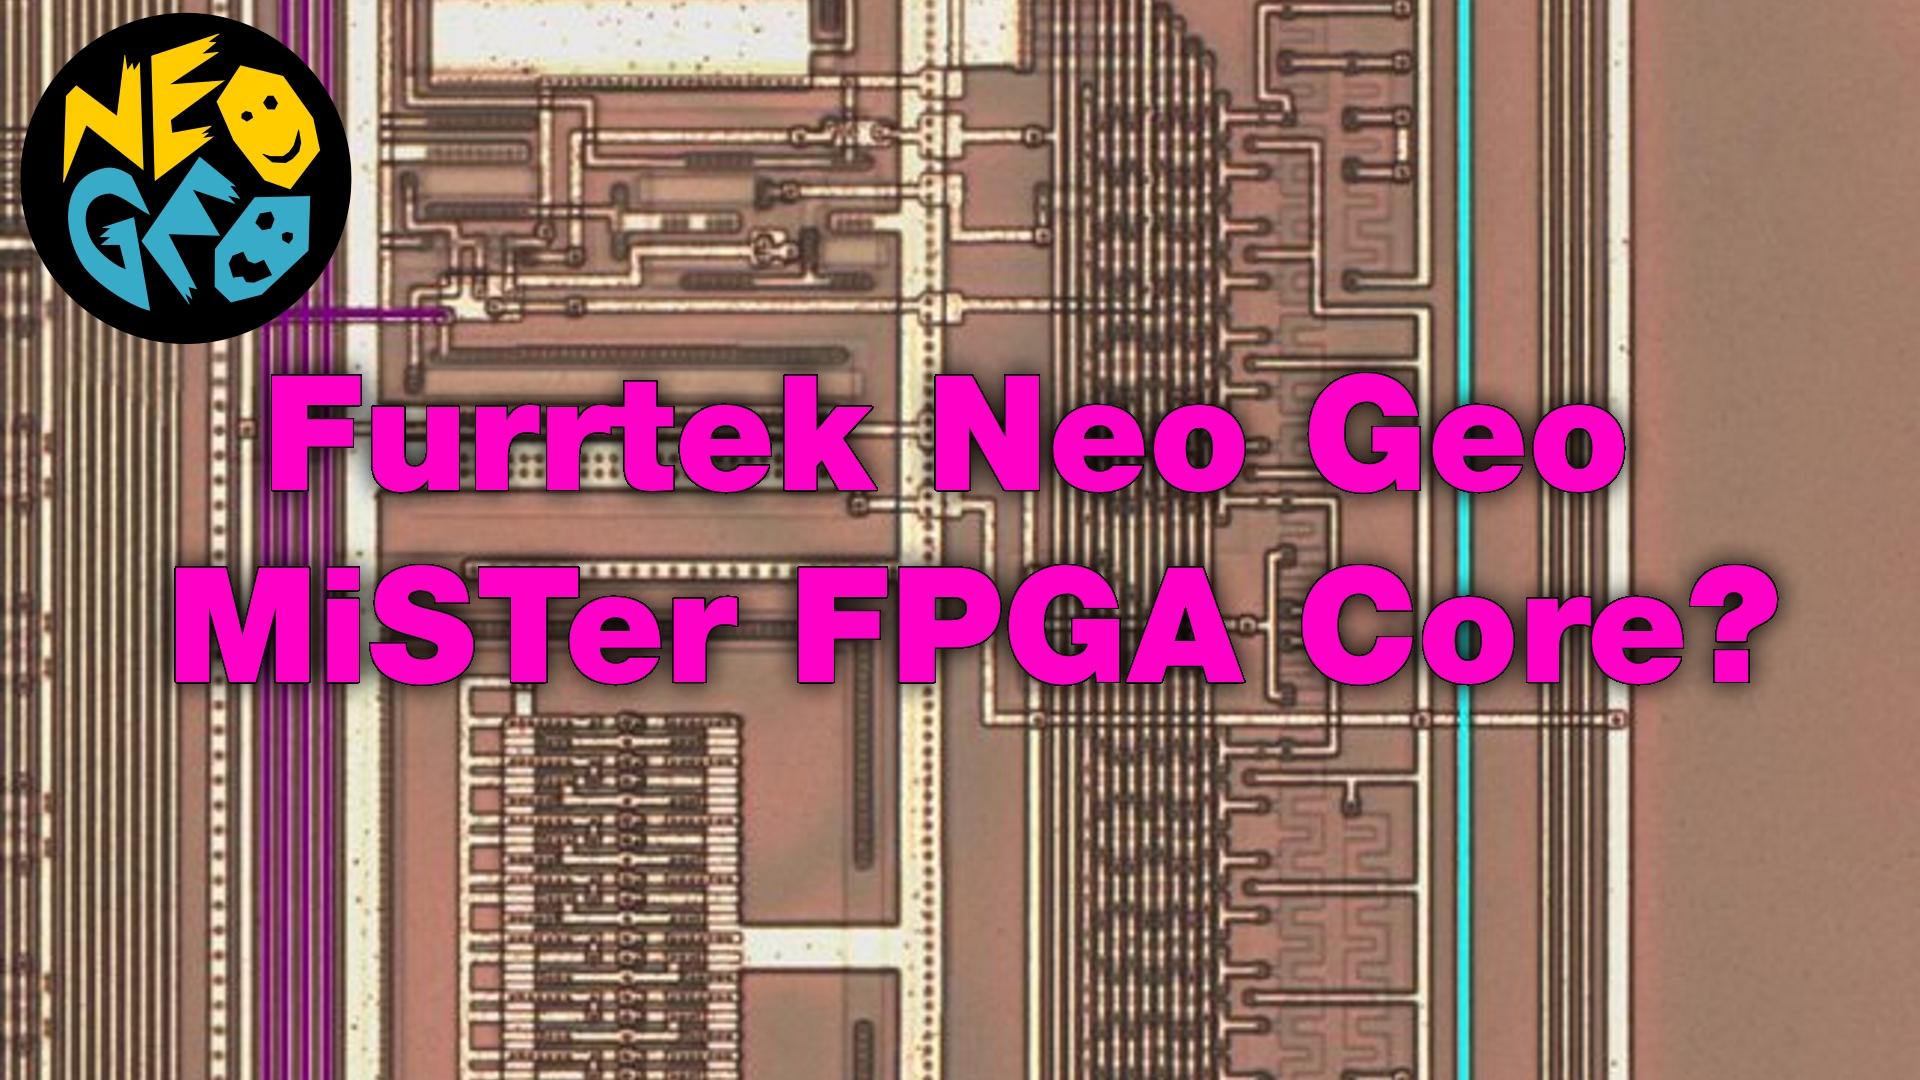 Furrtek's Neo Geo MiSTer Core